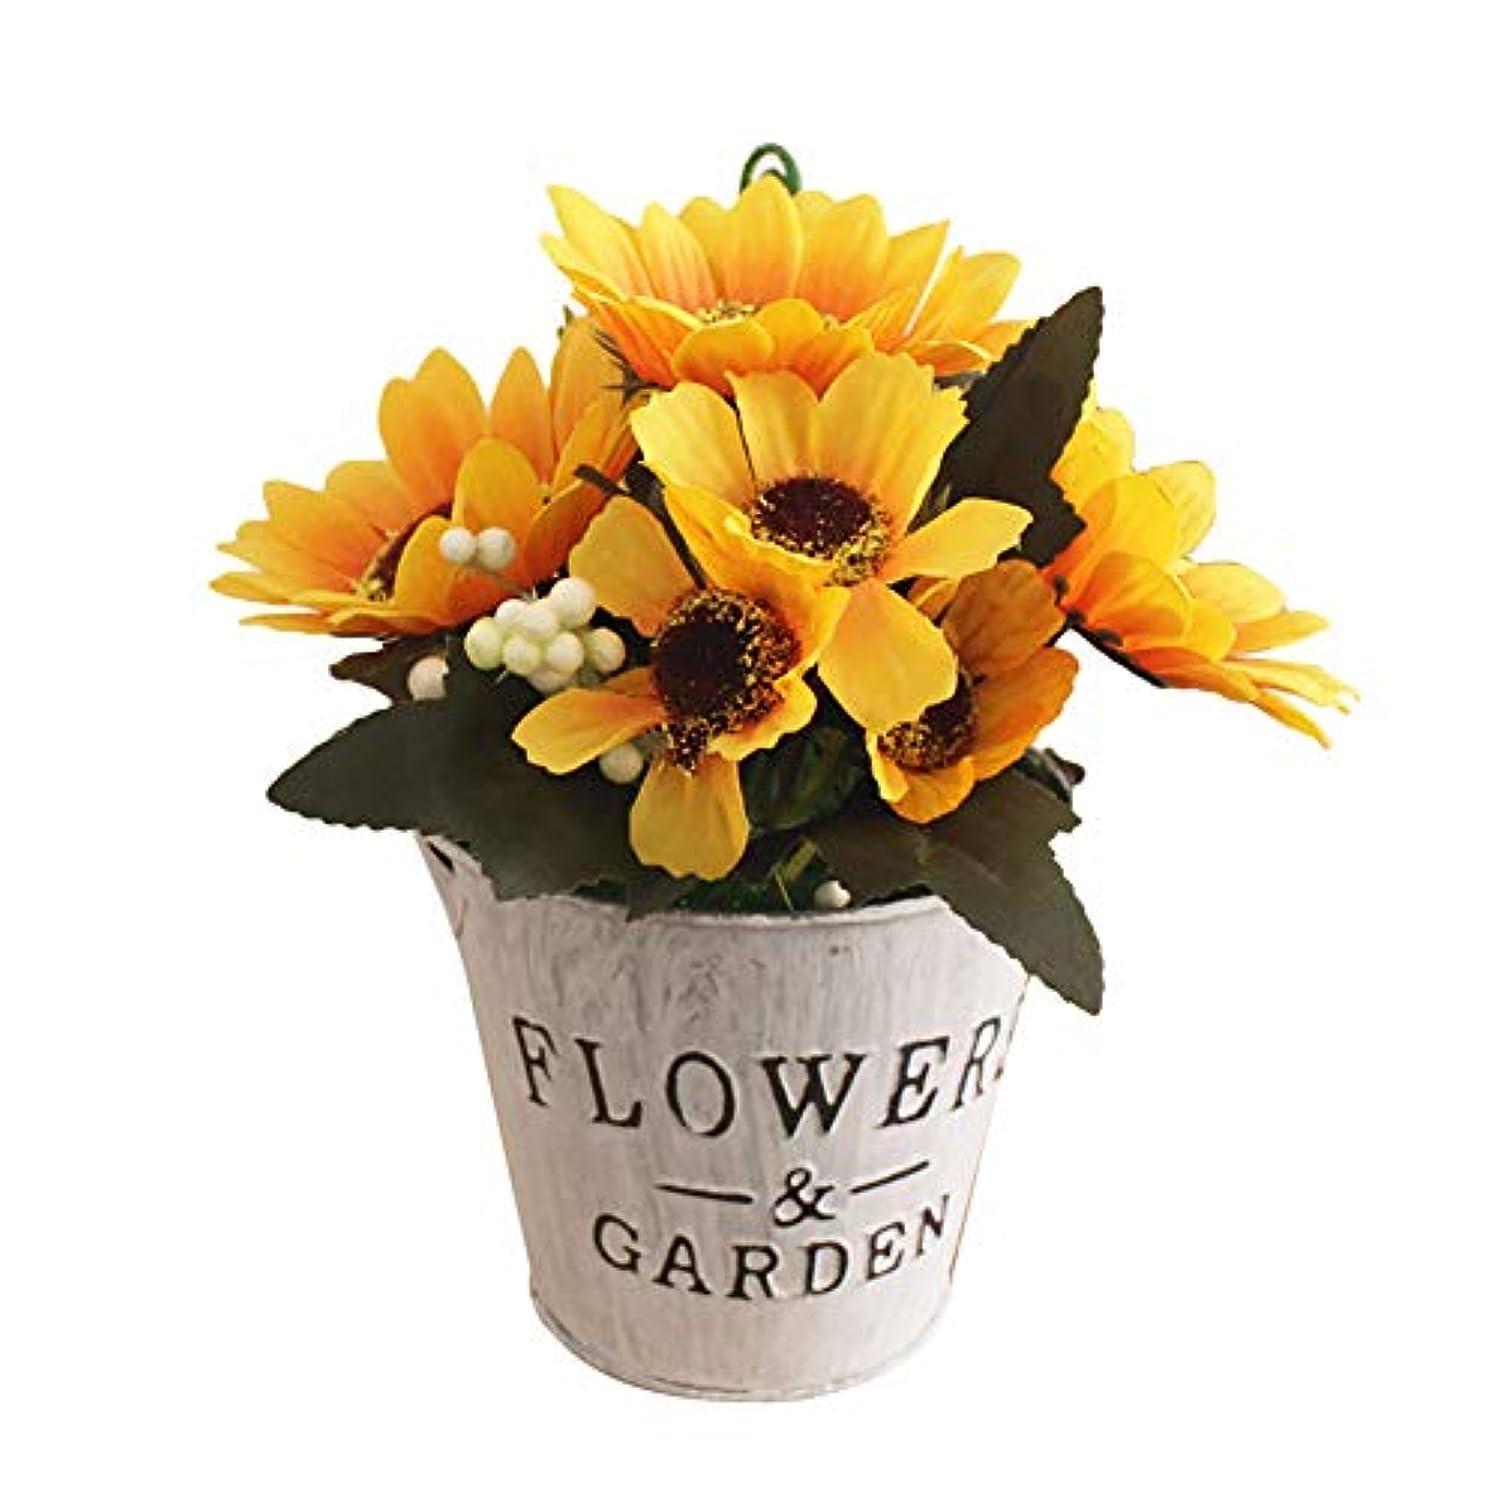 土短くするプラスruisuered装飾植物結婚式人工観葉植物人工的な太陽の花の偽物の植物盆栽レストランホテルホームショップカフェの装飾 - 黄色